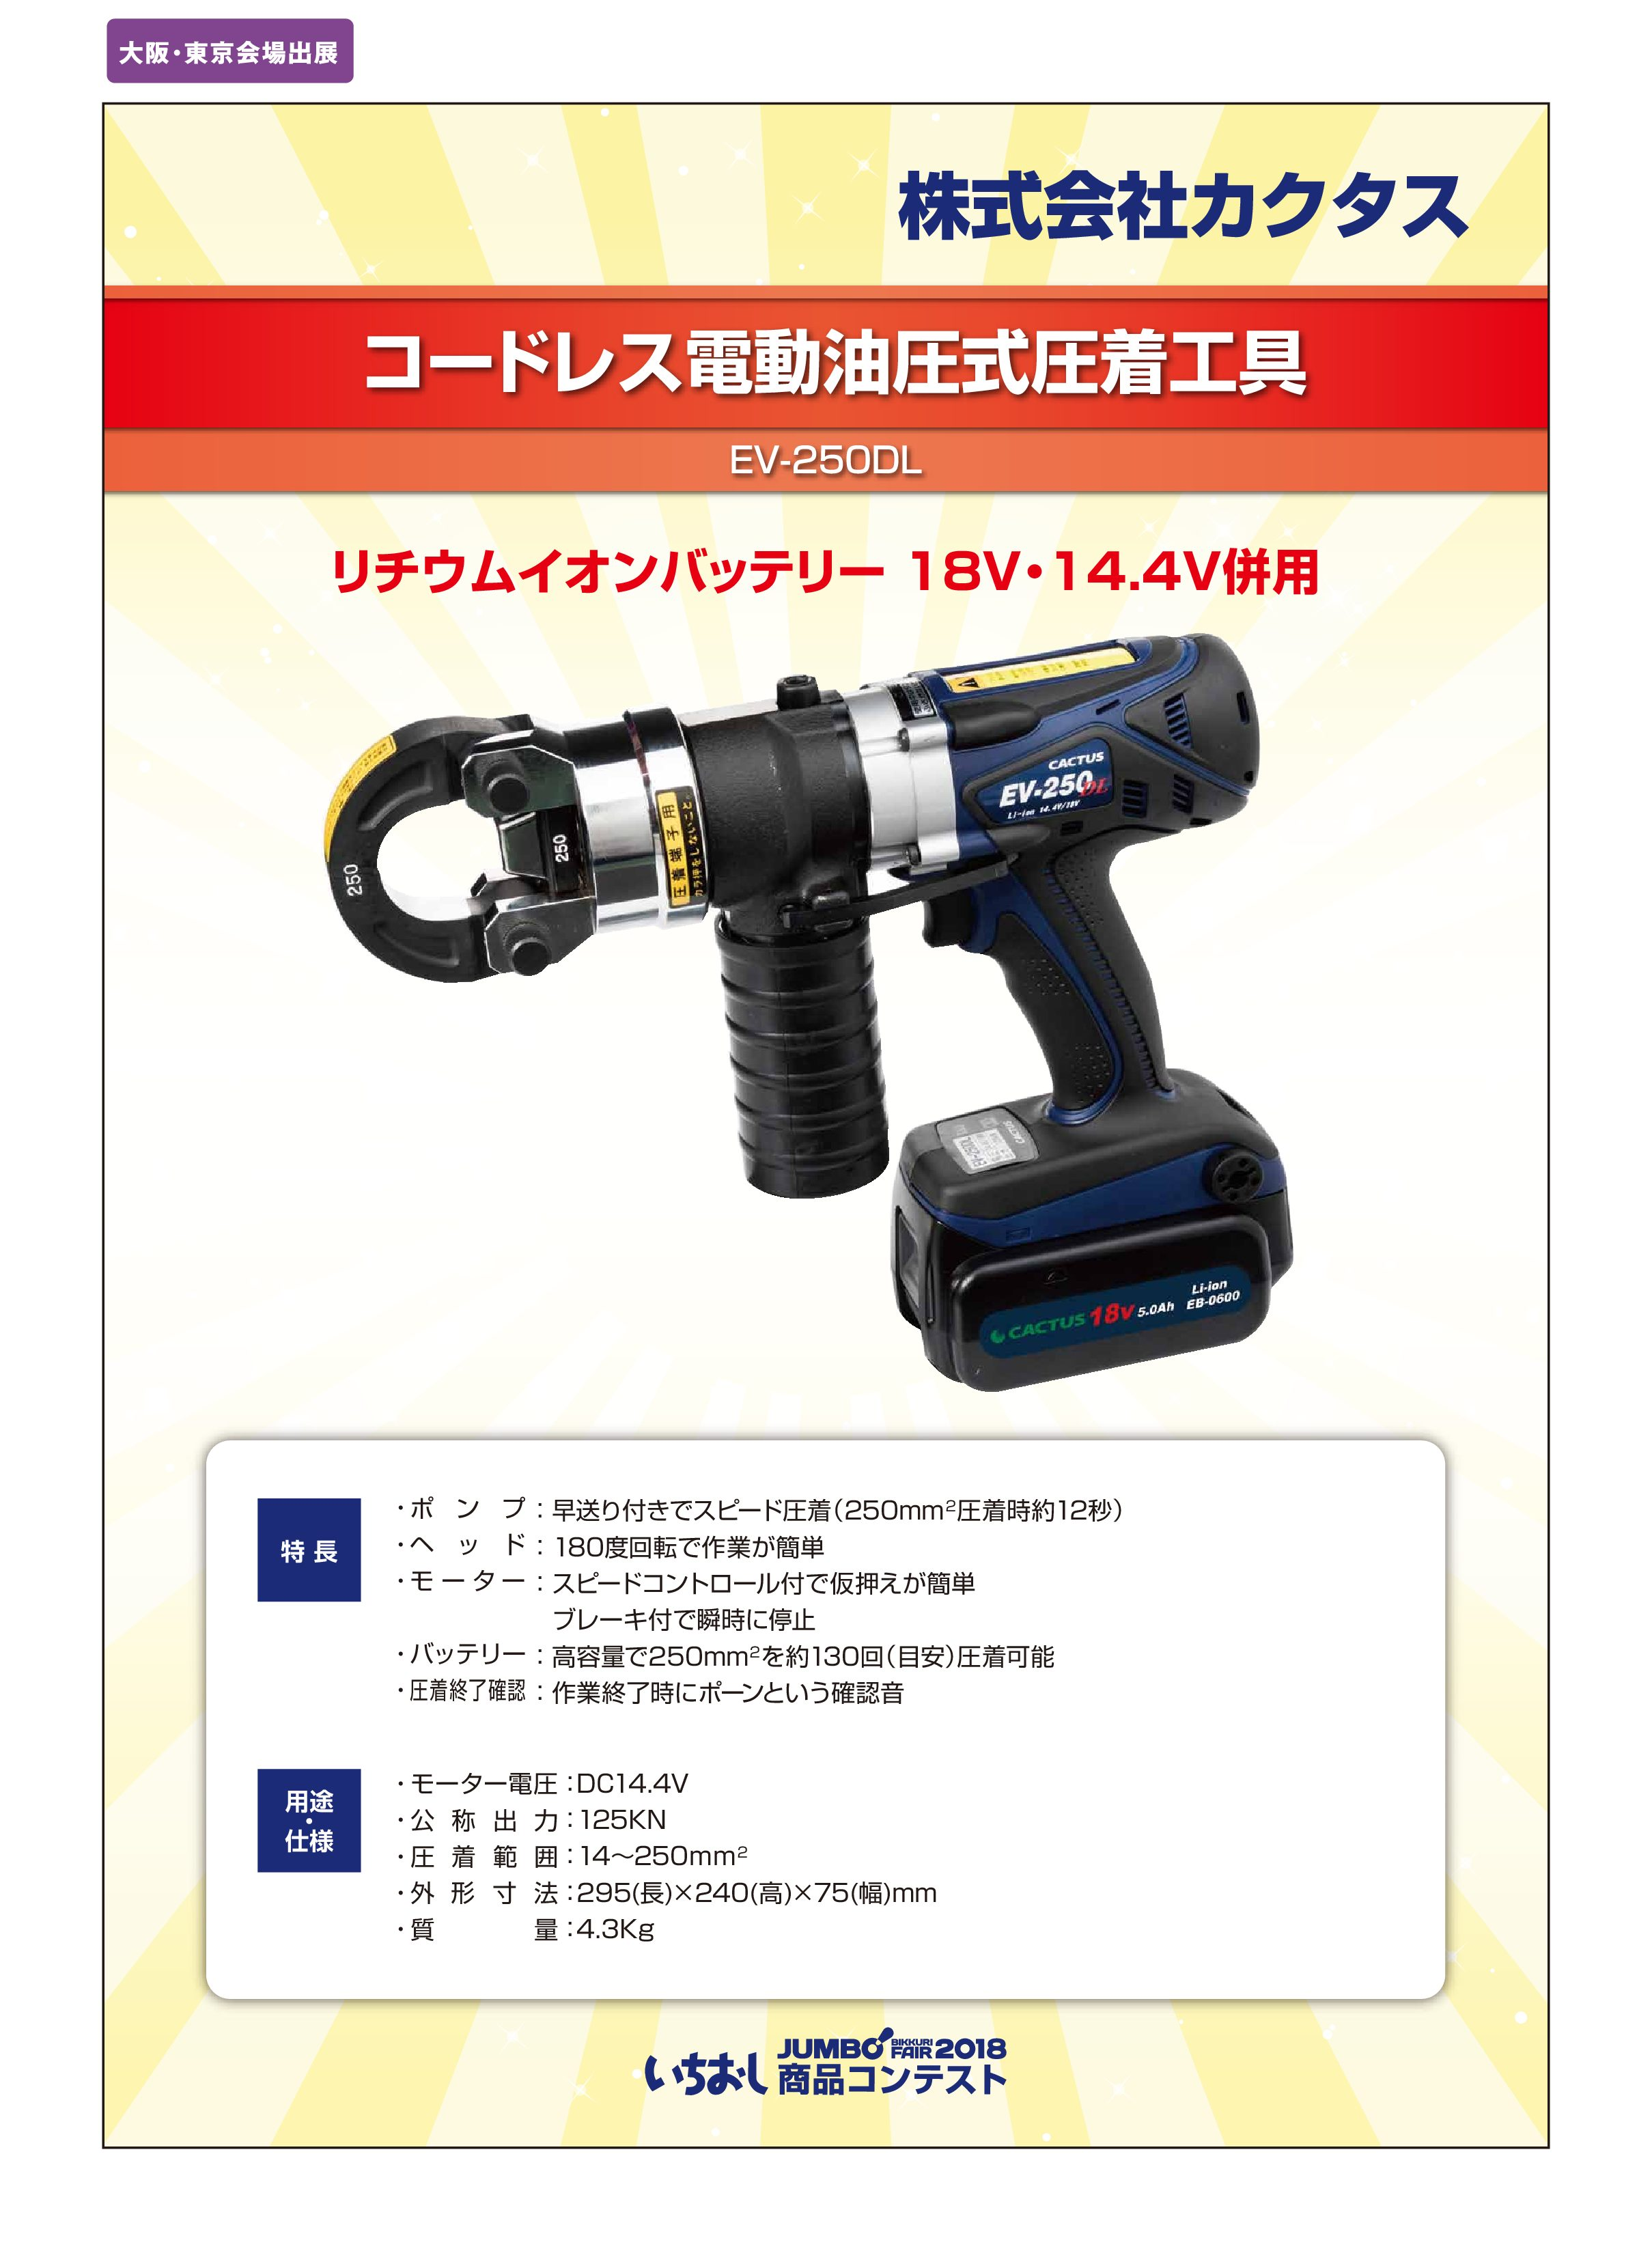 「コードレス電動油圧式圧着工具」株式会社カクタスの画像